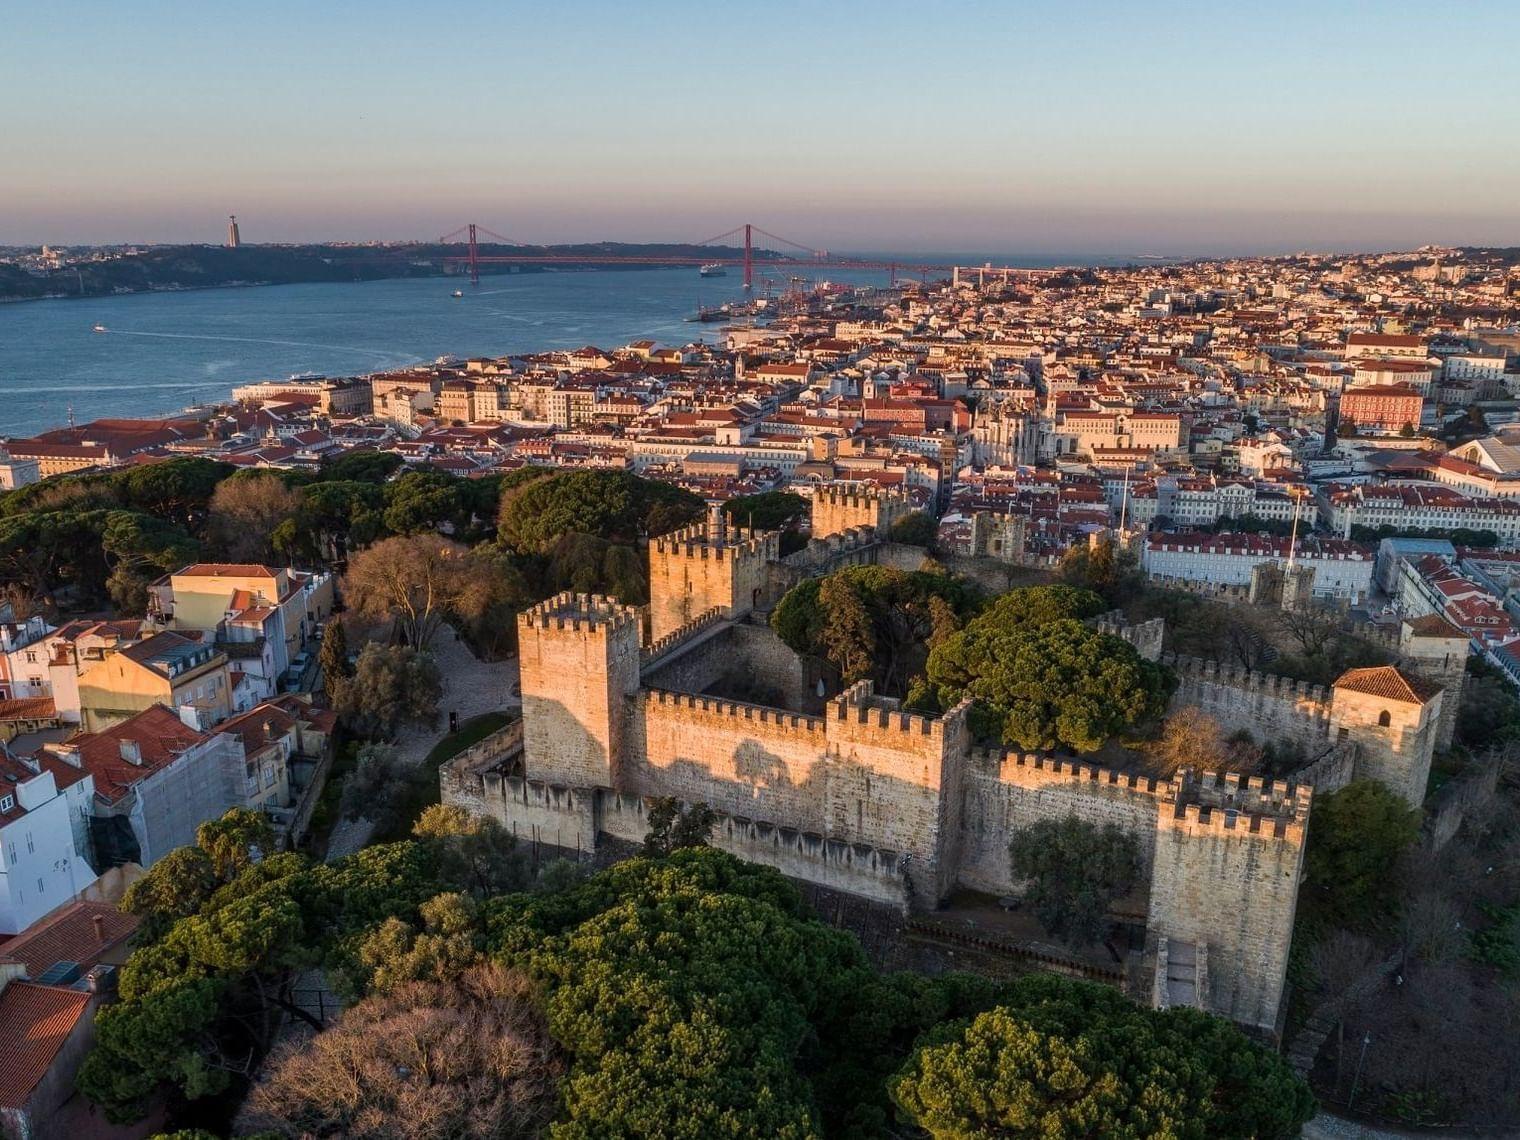 overview of Castelo de Sao Jorge